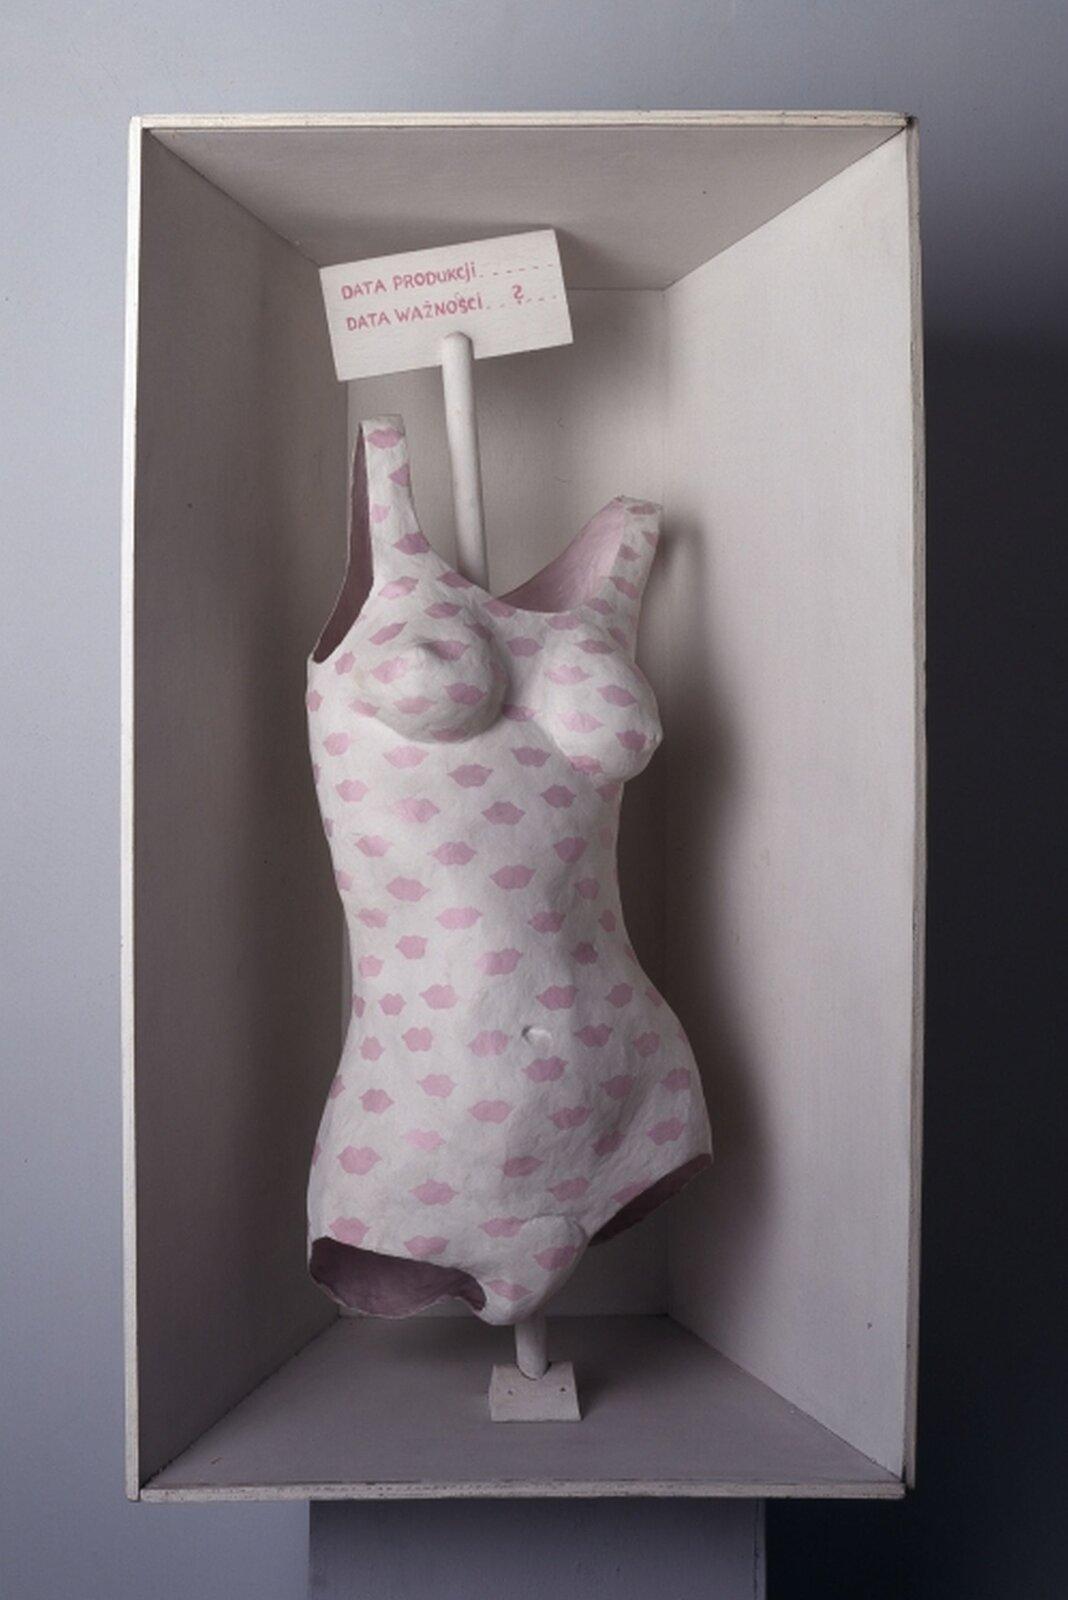 """Ilustracja przedstawiająca asamblaż Marii Pinińskiej-Bereś, """"Czy kobieta jest człowiekiem?"""". Przedstawia on jednoczęściowy kostium kobiecy, biały, na którym znajdują się różowe usta, rozmieszczone równomiernie. Nad kostiumem znajduje się kartka znapisami: """"DATA PRODUKCJI. DATA WAŻNOŚCI?""""."""